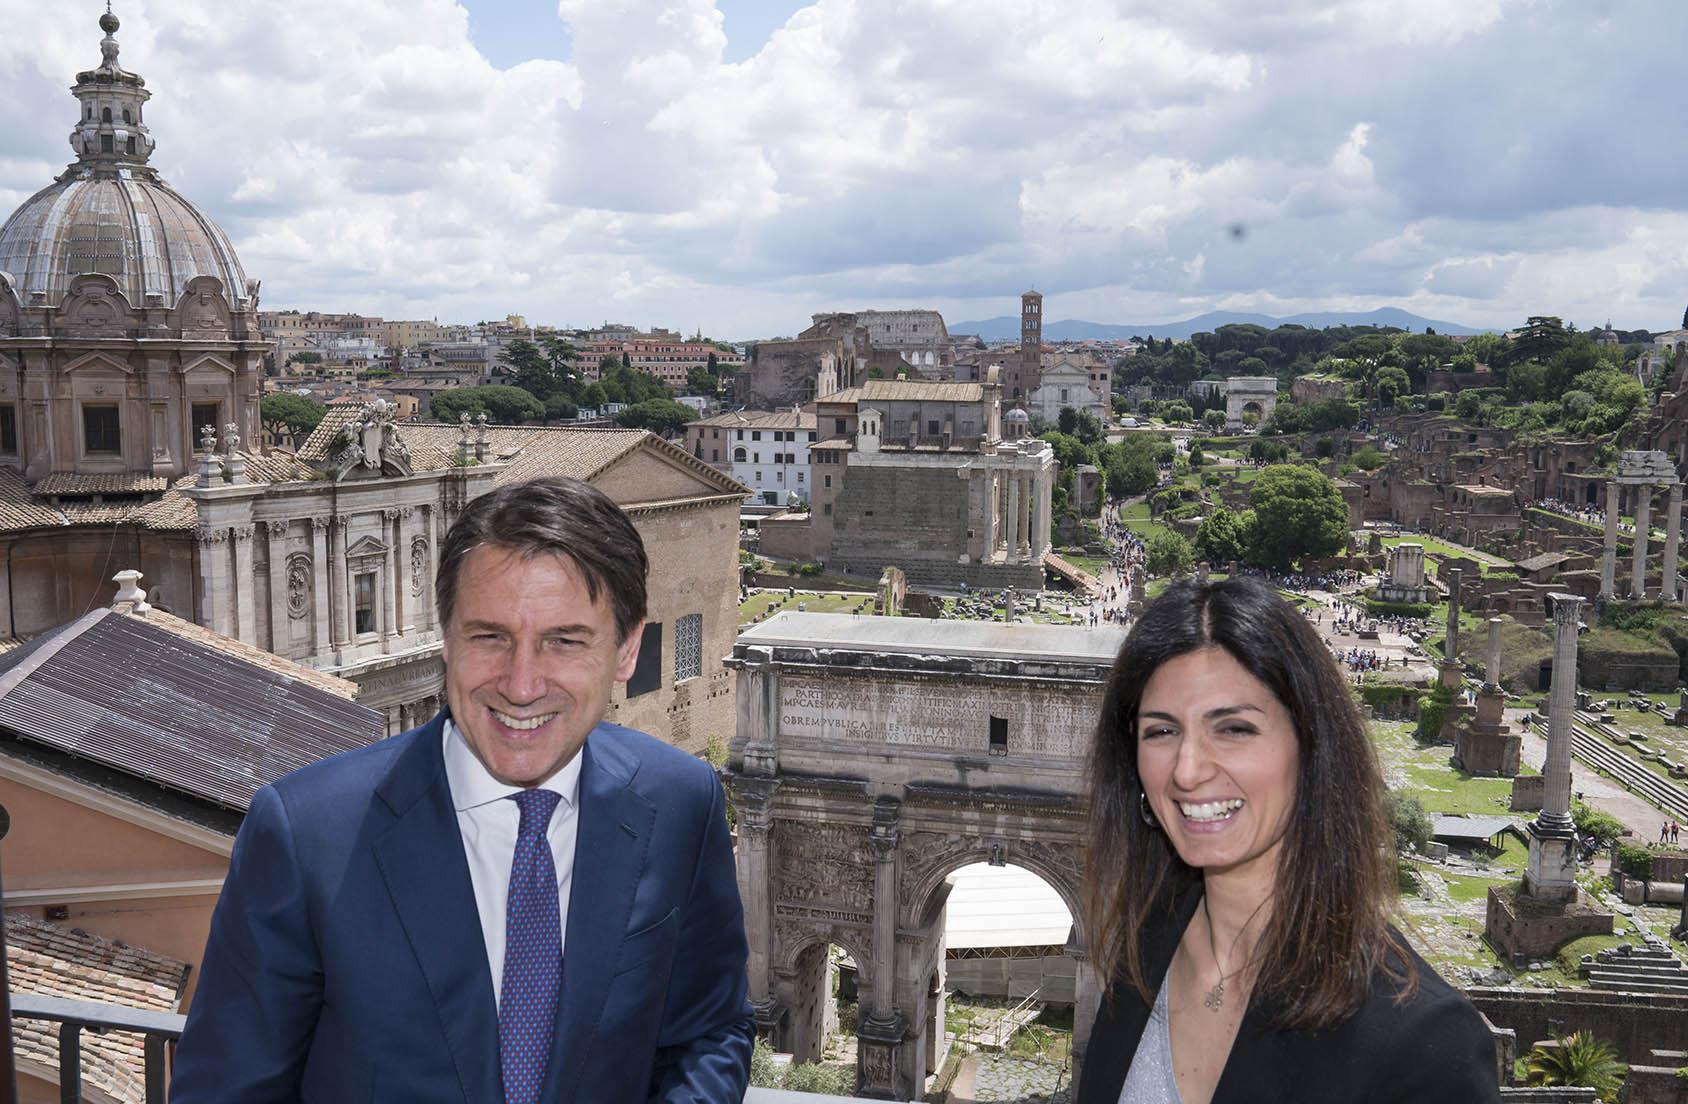 Raggi ci riprova con Conte per ottenere i soldi per Roma Capitale. Ma i  precedenti giocano a suo sfavore | Business Insider Italia